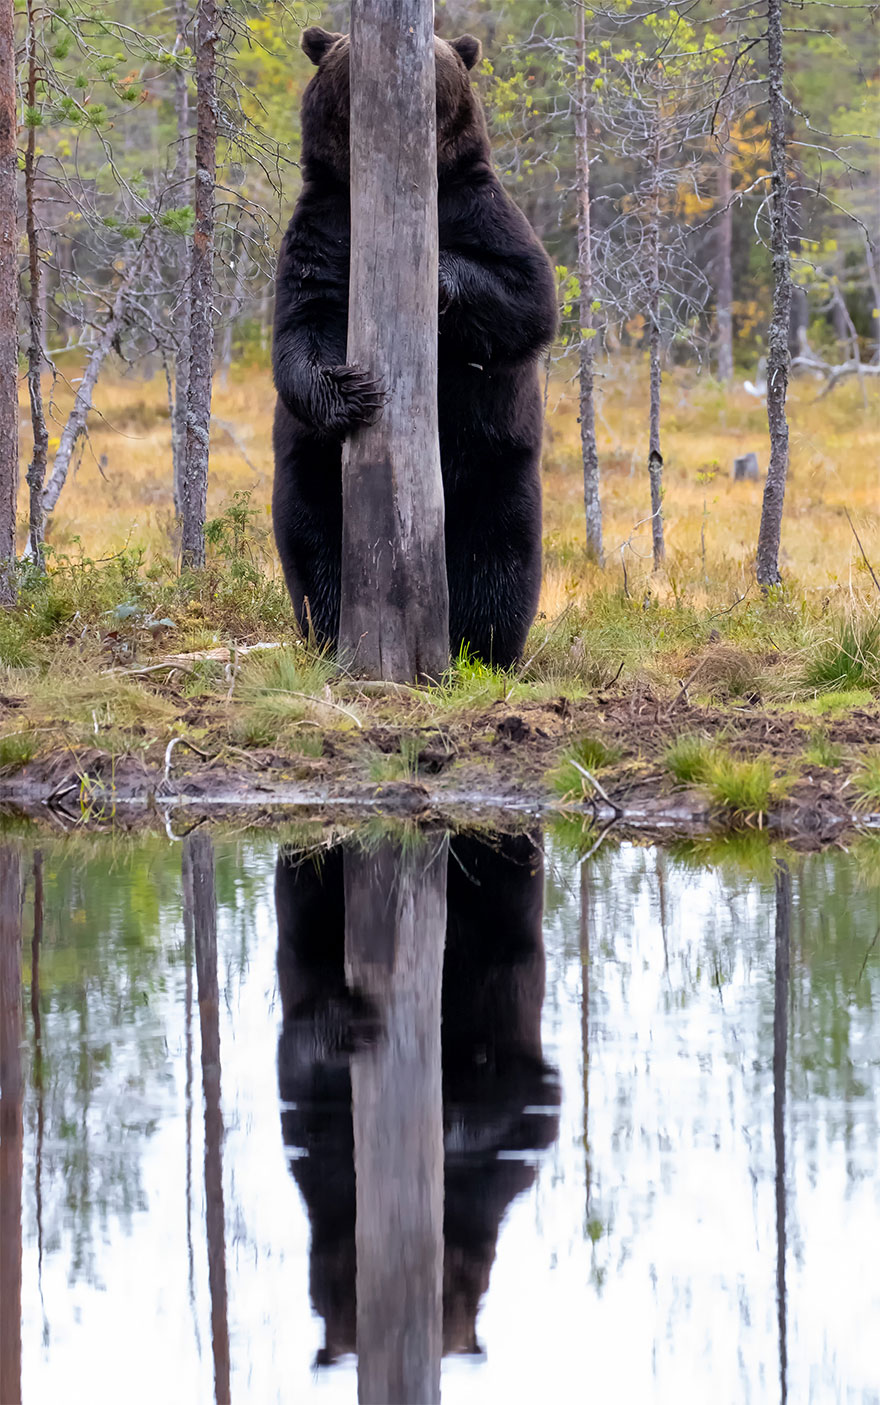 Позитивная галерея: 40 фото сконкурса насамый смешной снимок дикой природы   Канобу - Изображение 3967